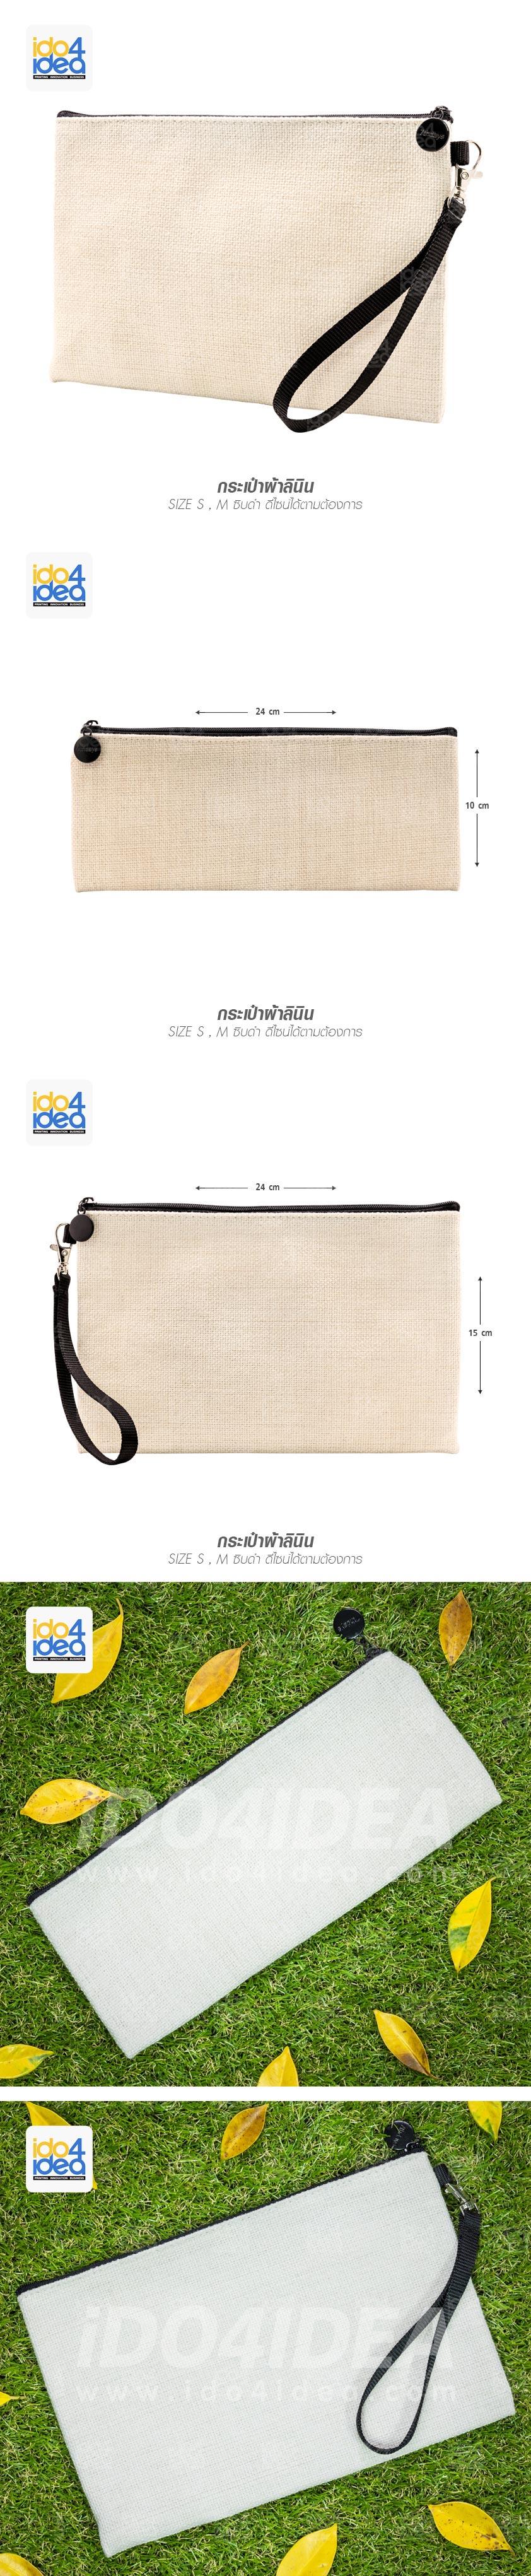 กระเป๋าผ้าลินิน ไซส์ S และ M ซิปดำ